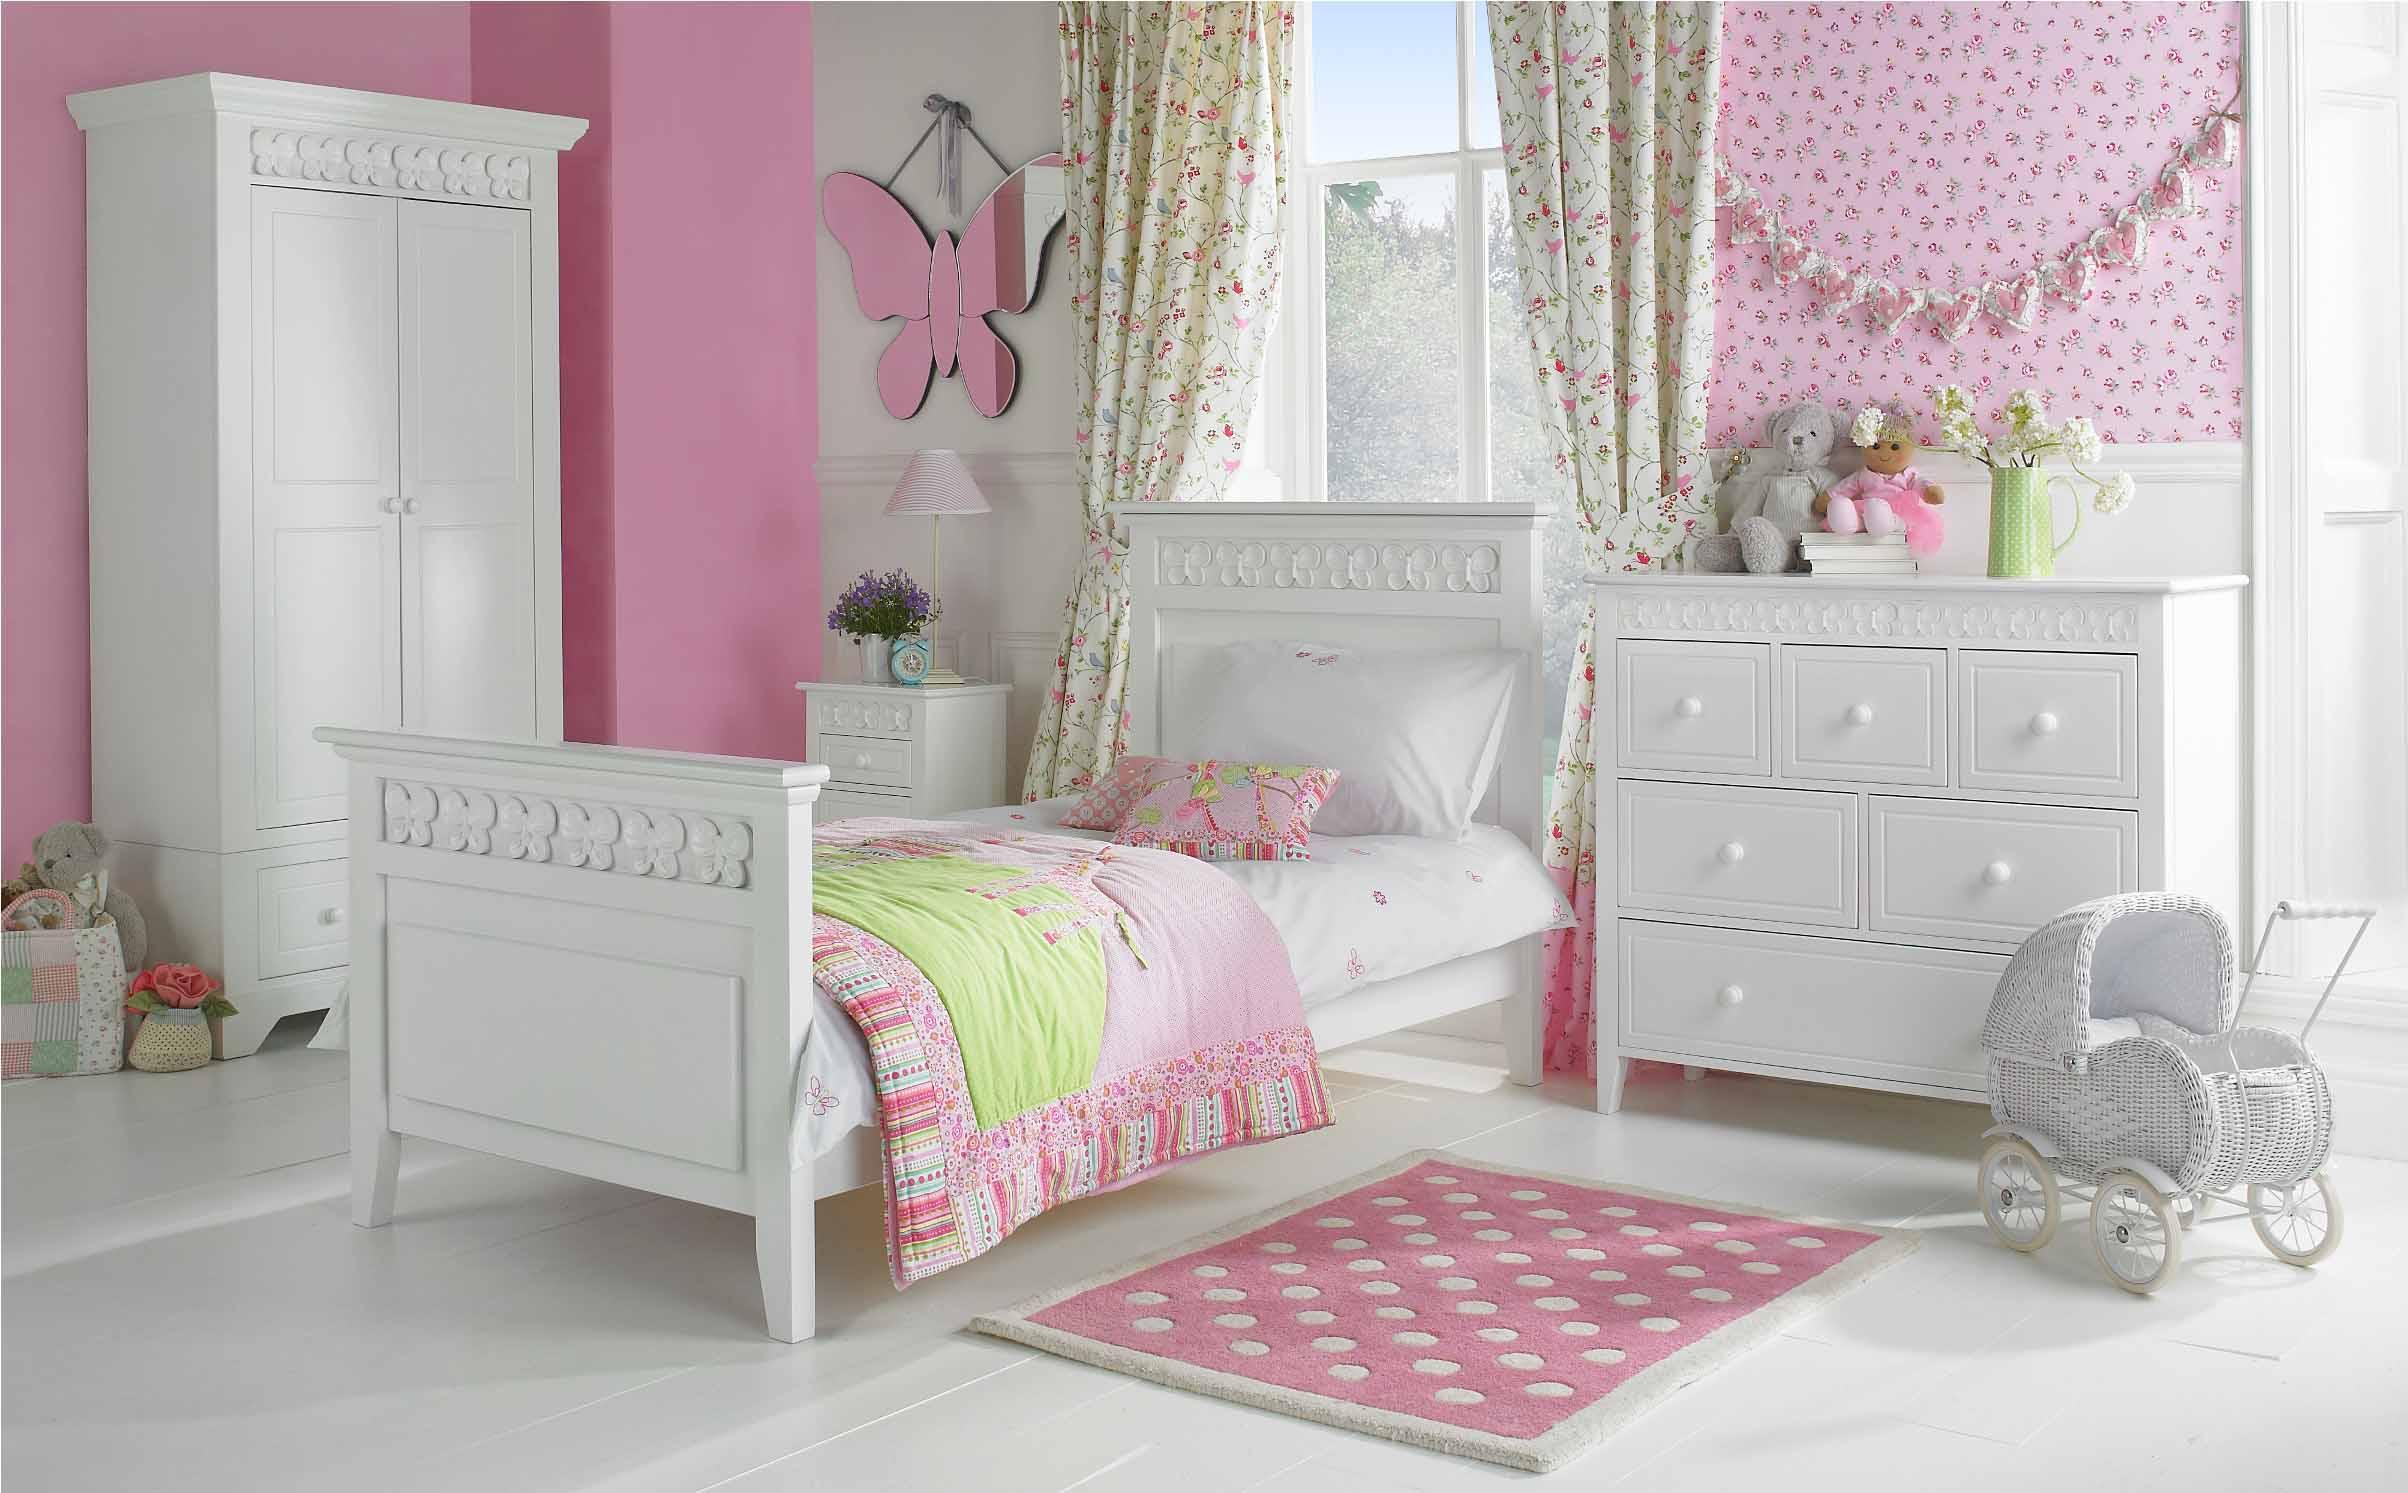 contoh gambar desain kamar tidur anak yang menggemaskan